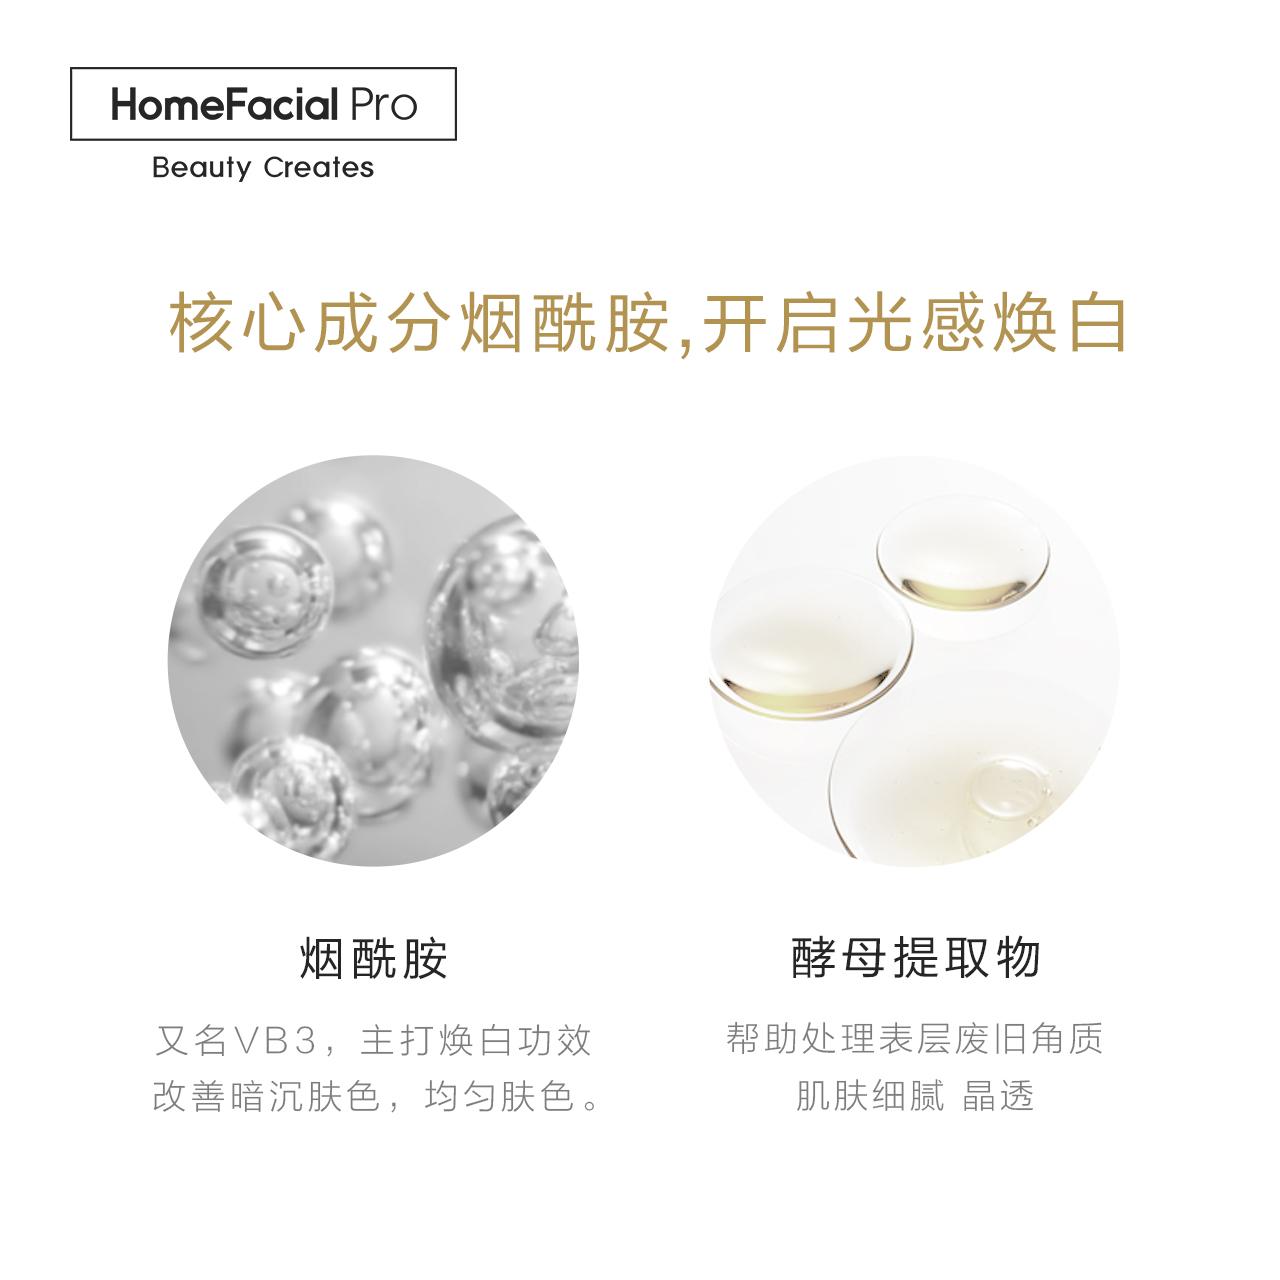 HomeFacialPro烟酰胺原液 补水祛黄提亮肤色小白瓶面部精华液男女优惠券